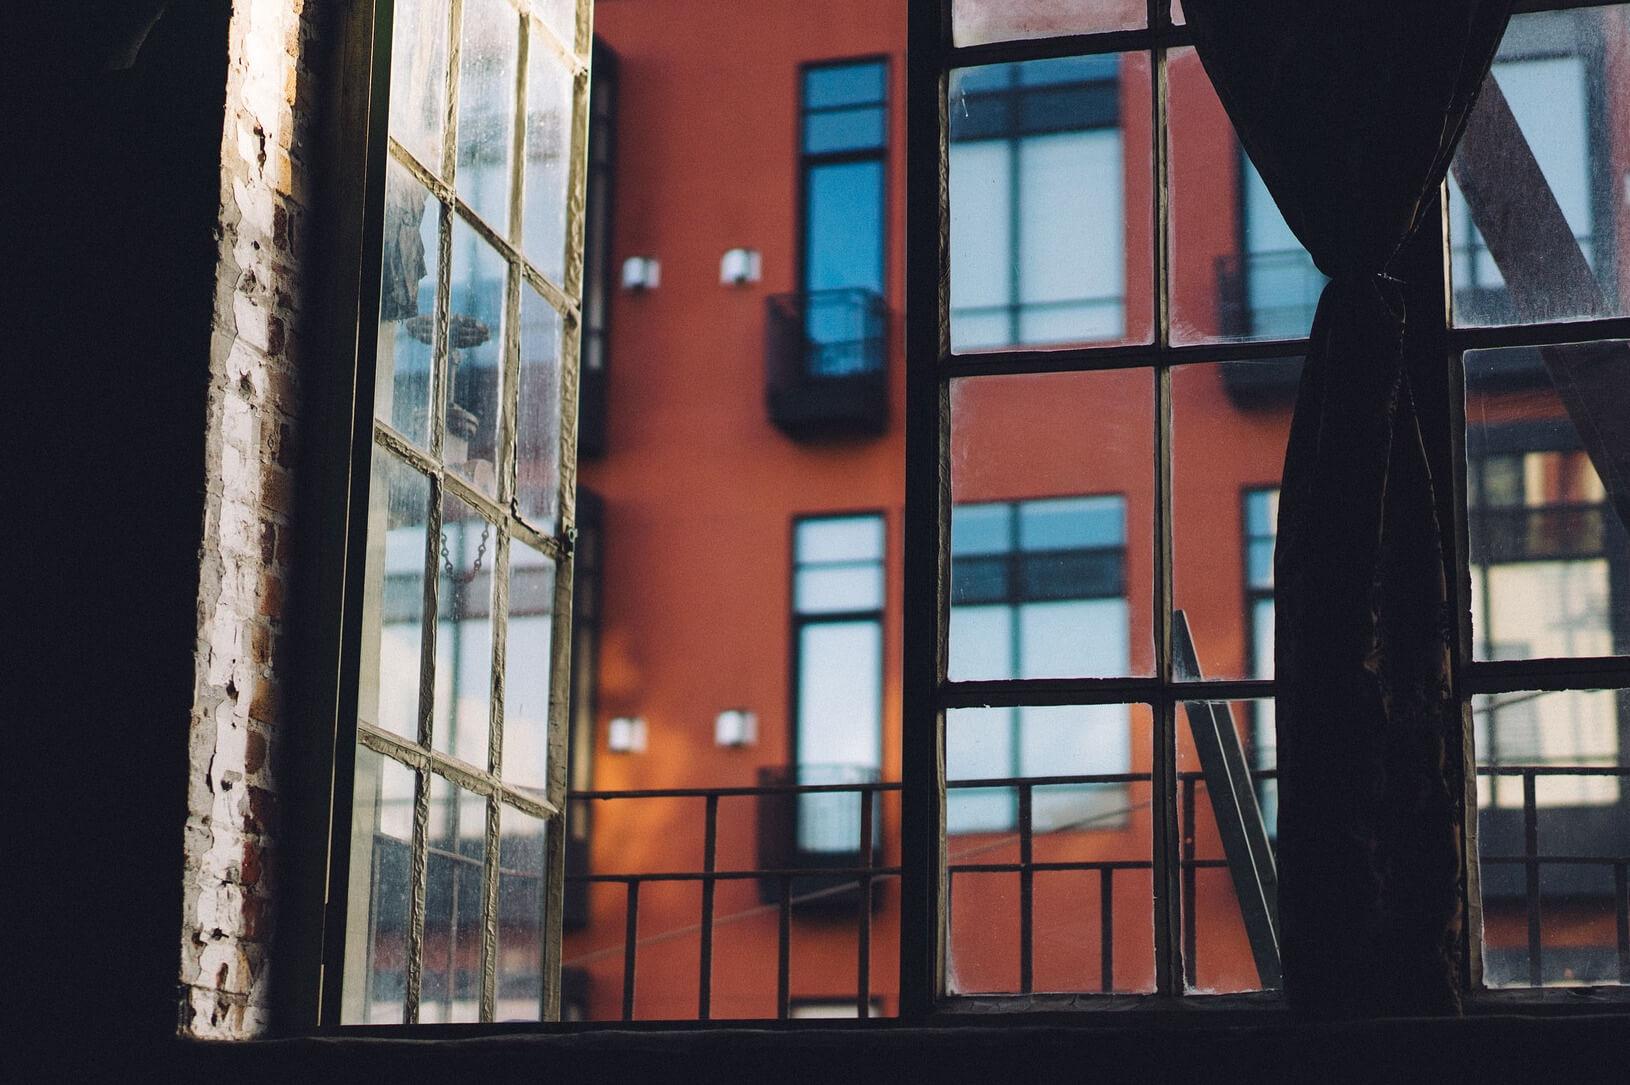 Offenes Fenster zum Lüften der Wohnung